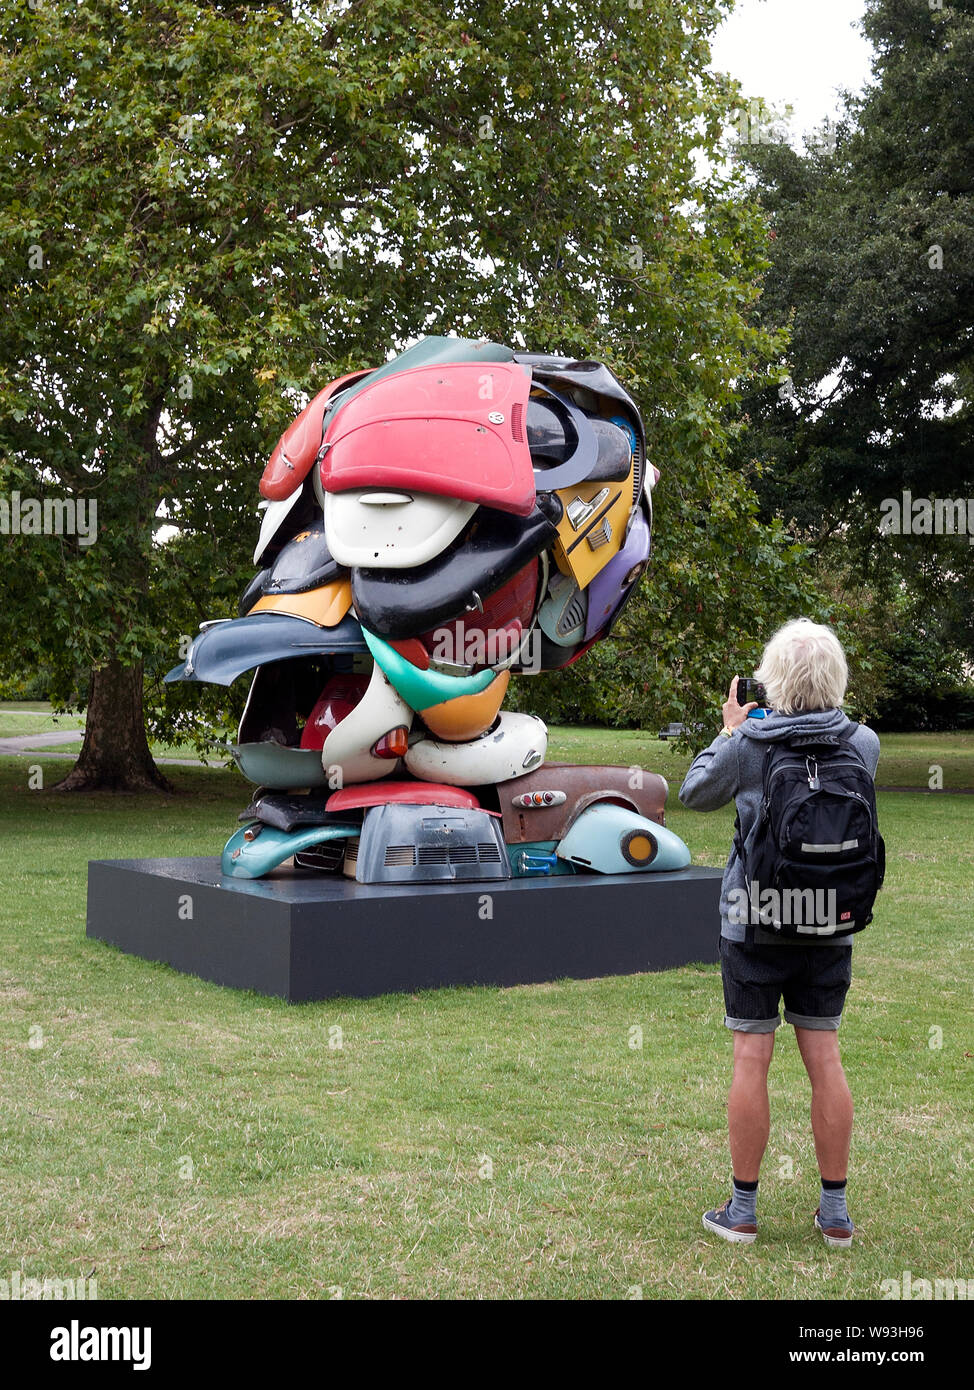 Zak Ove sculpture 'Autonomous Morris' on show in Regents Park London part of Frieze Art show Stock Photo